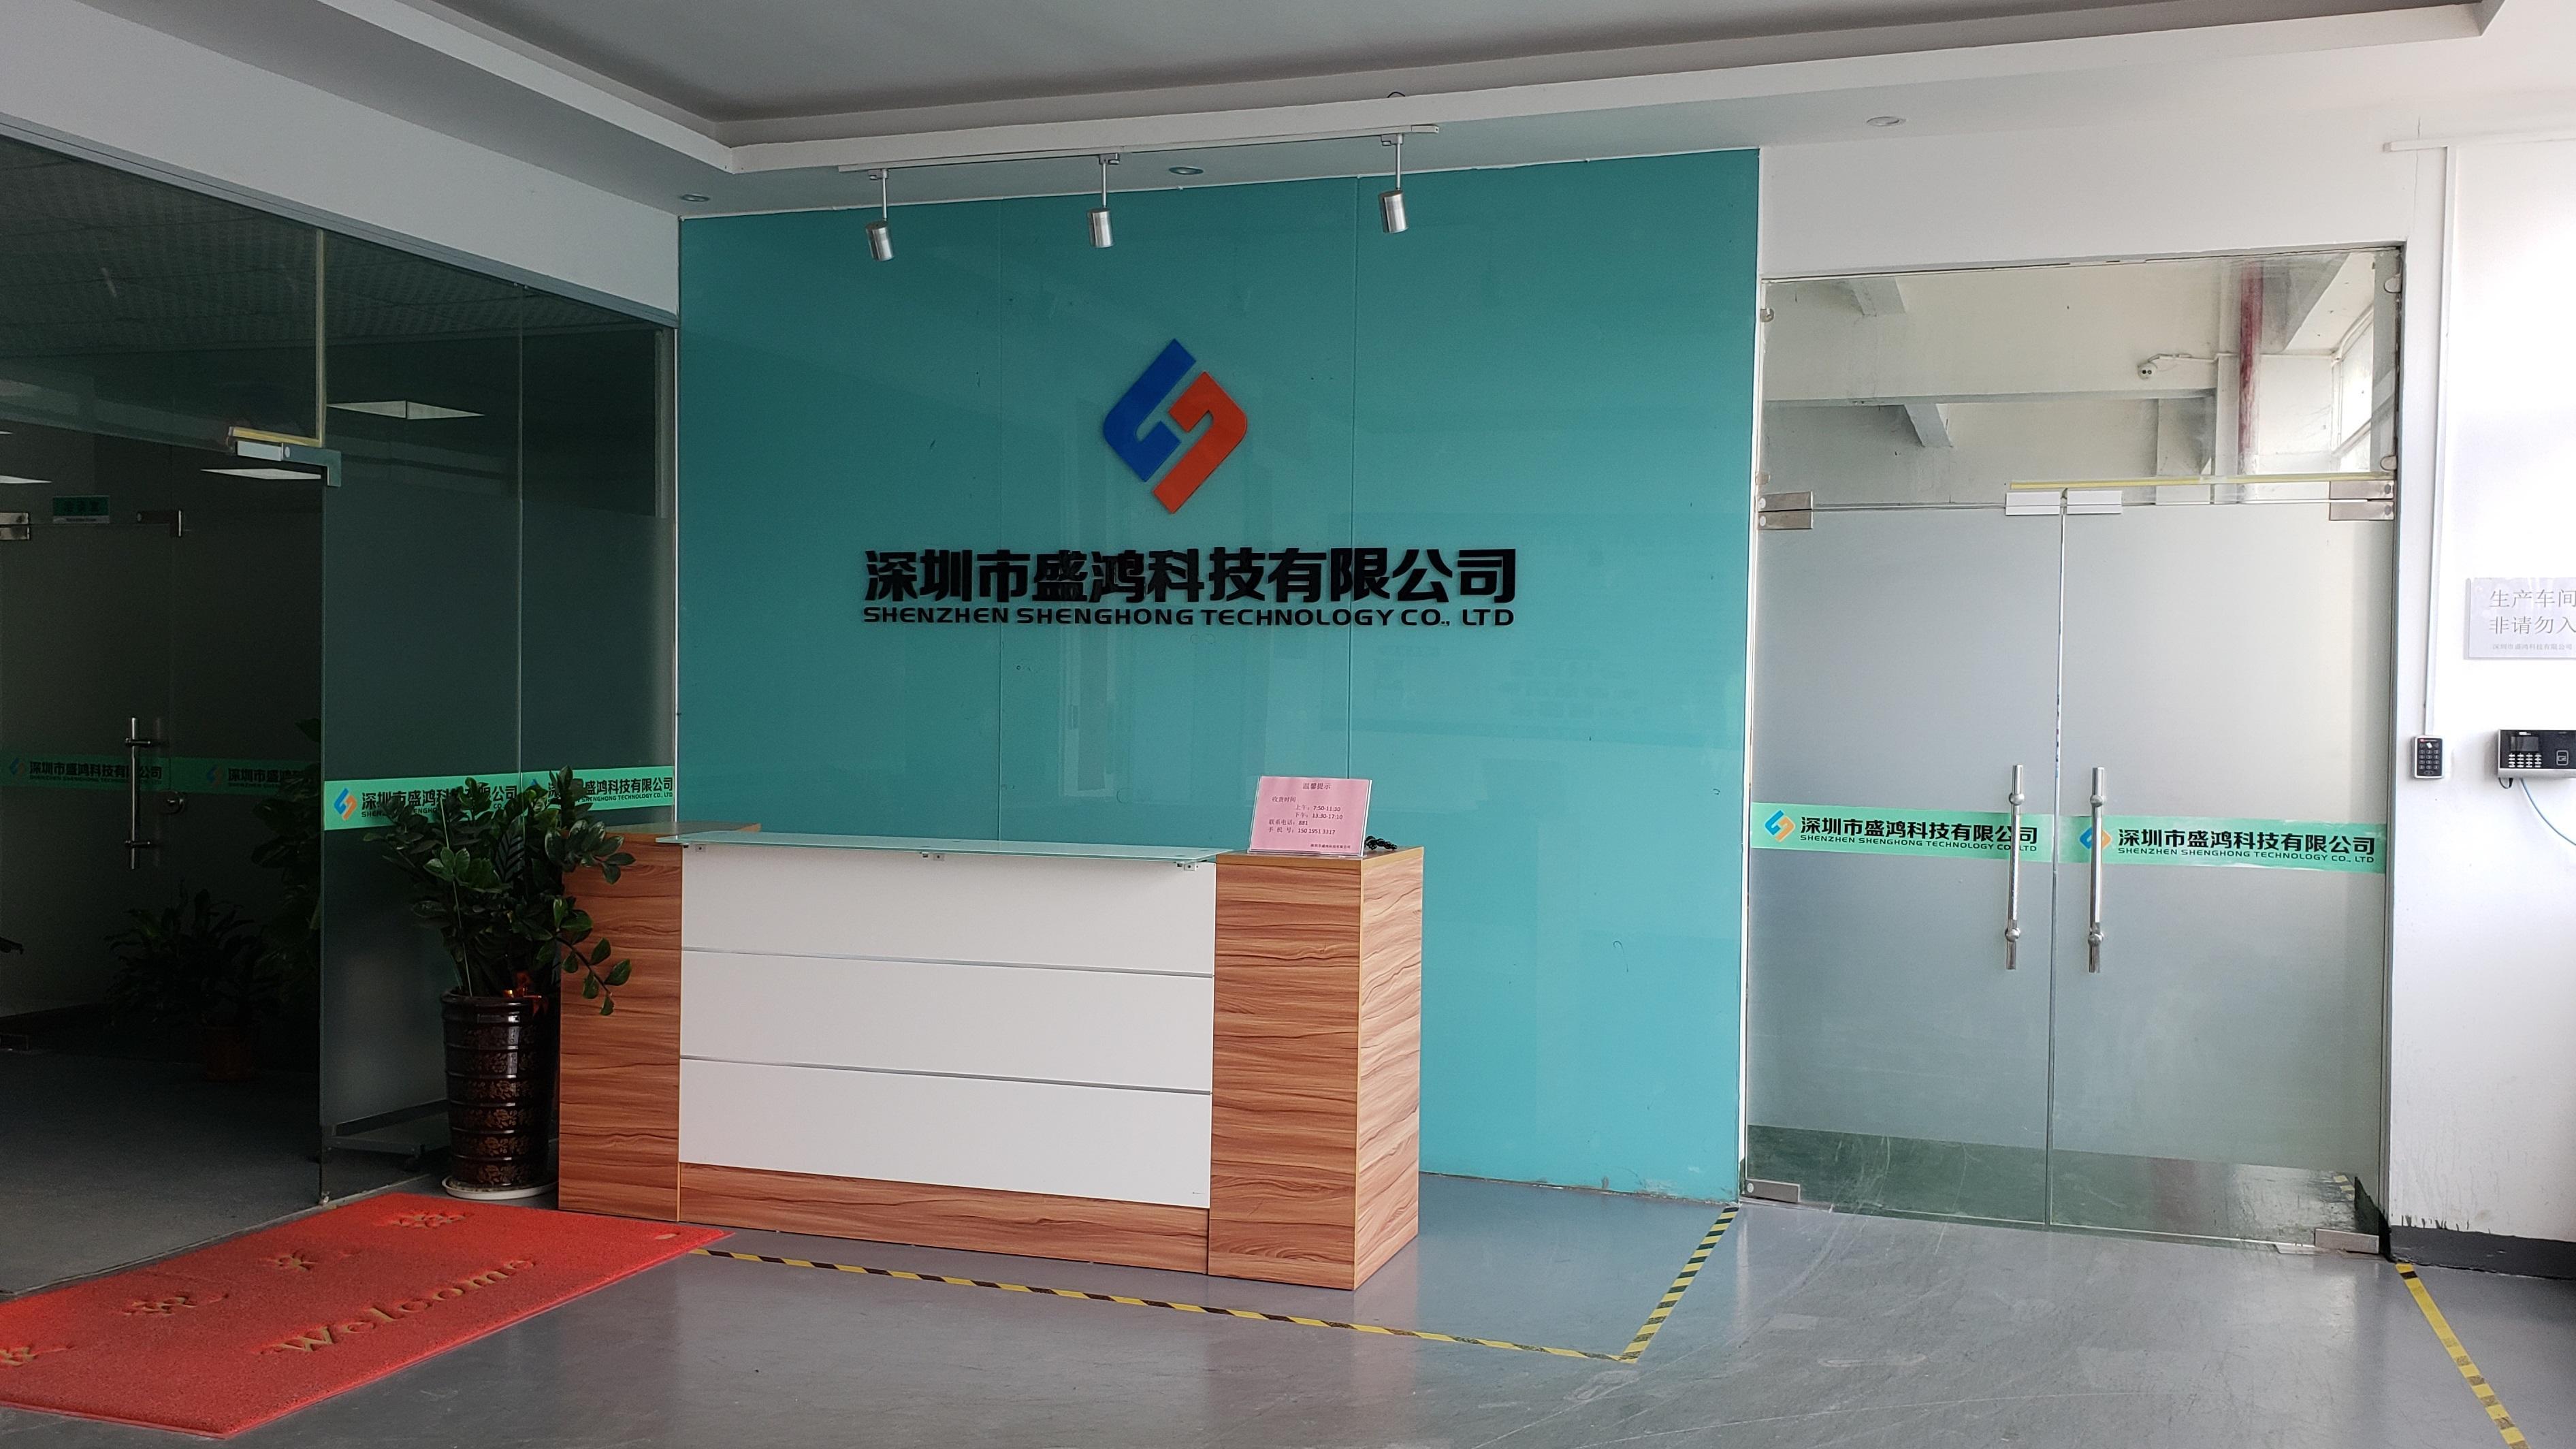 深圳市盛鸿运科技有限公司